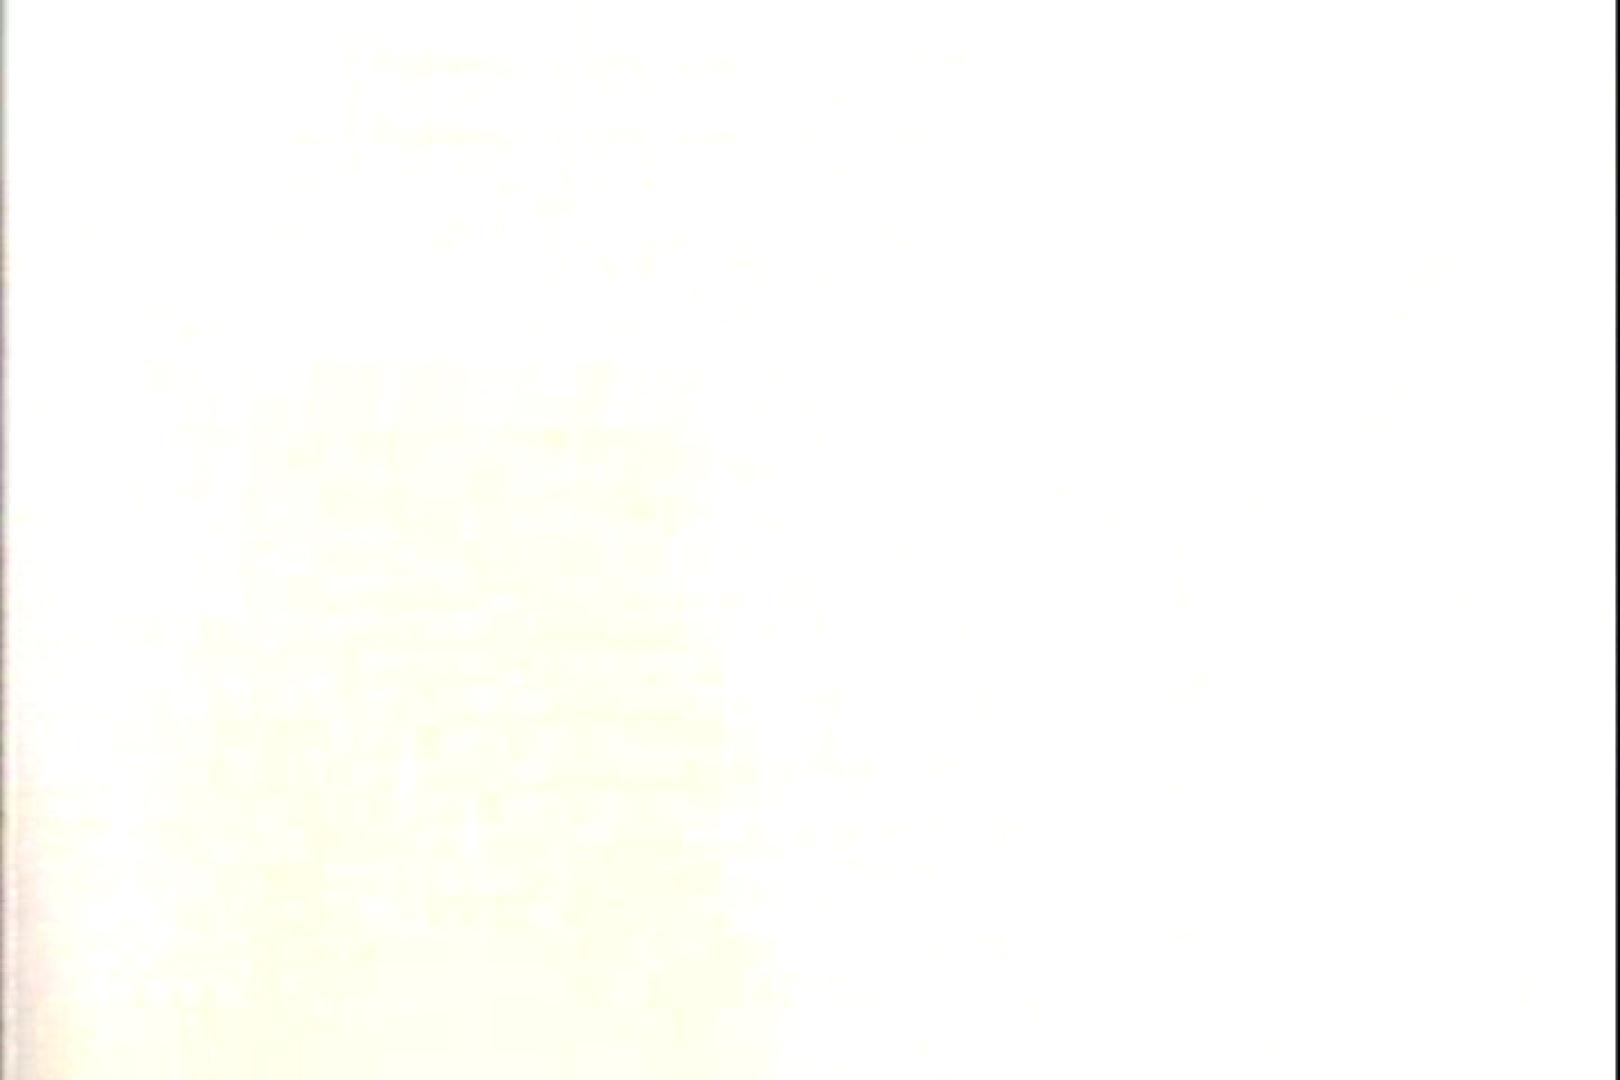 「ちくりん」さんのオリジナル未編集パンチラVol.3_02 チラ歓迎 オマンコ動画キャプチャ 81pic 55